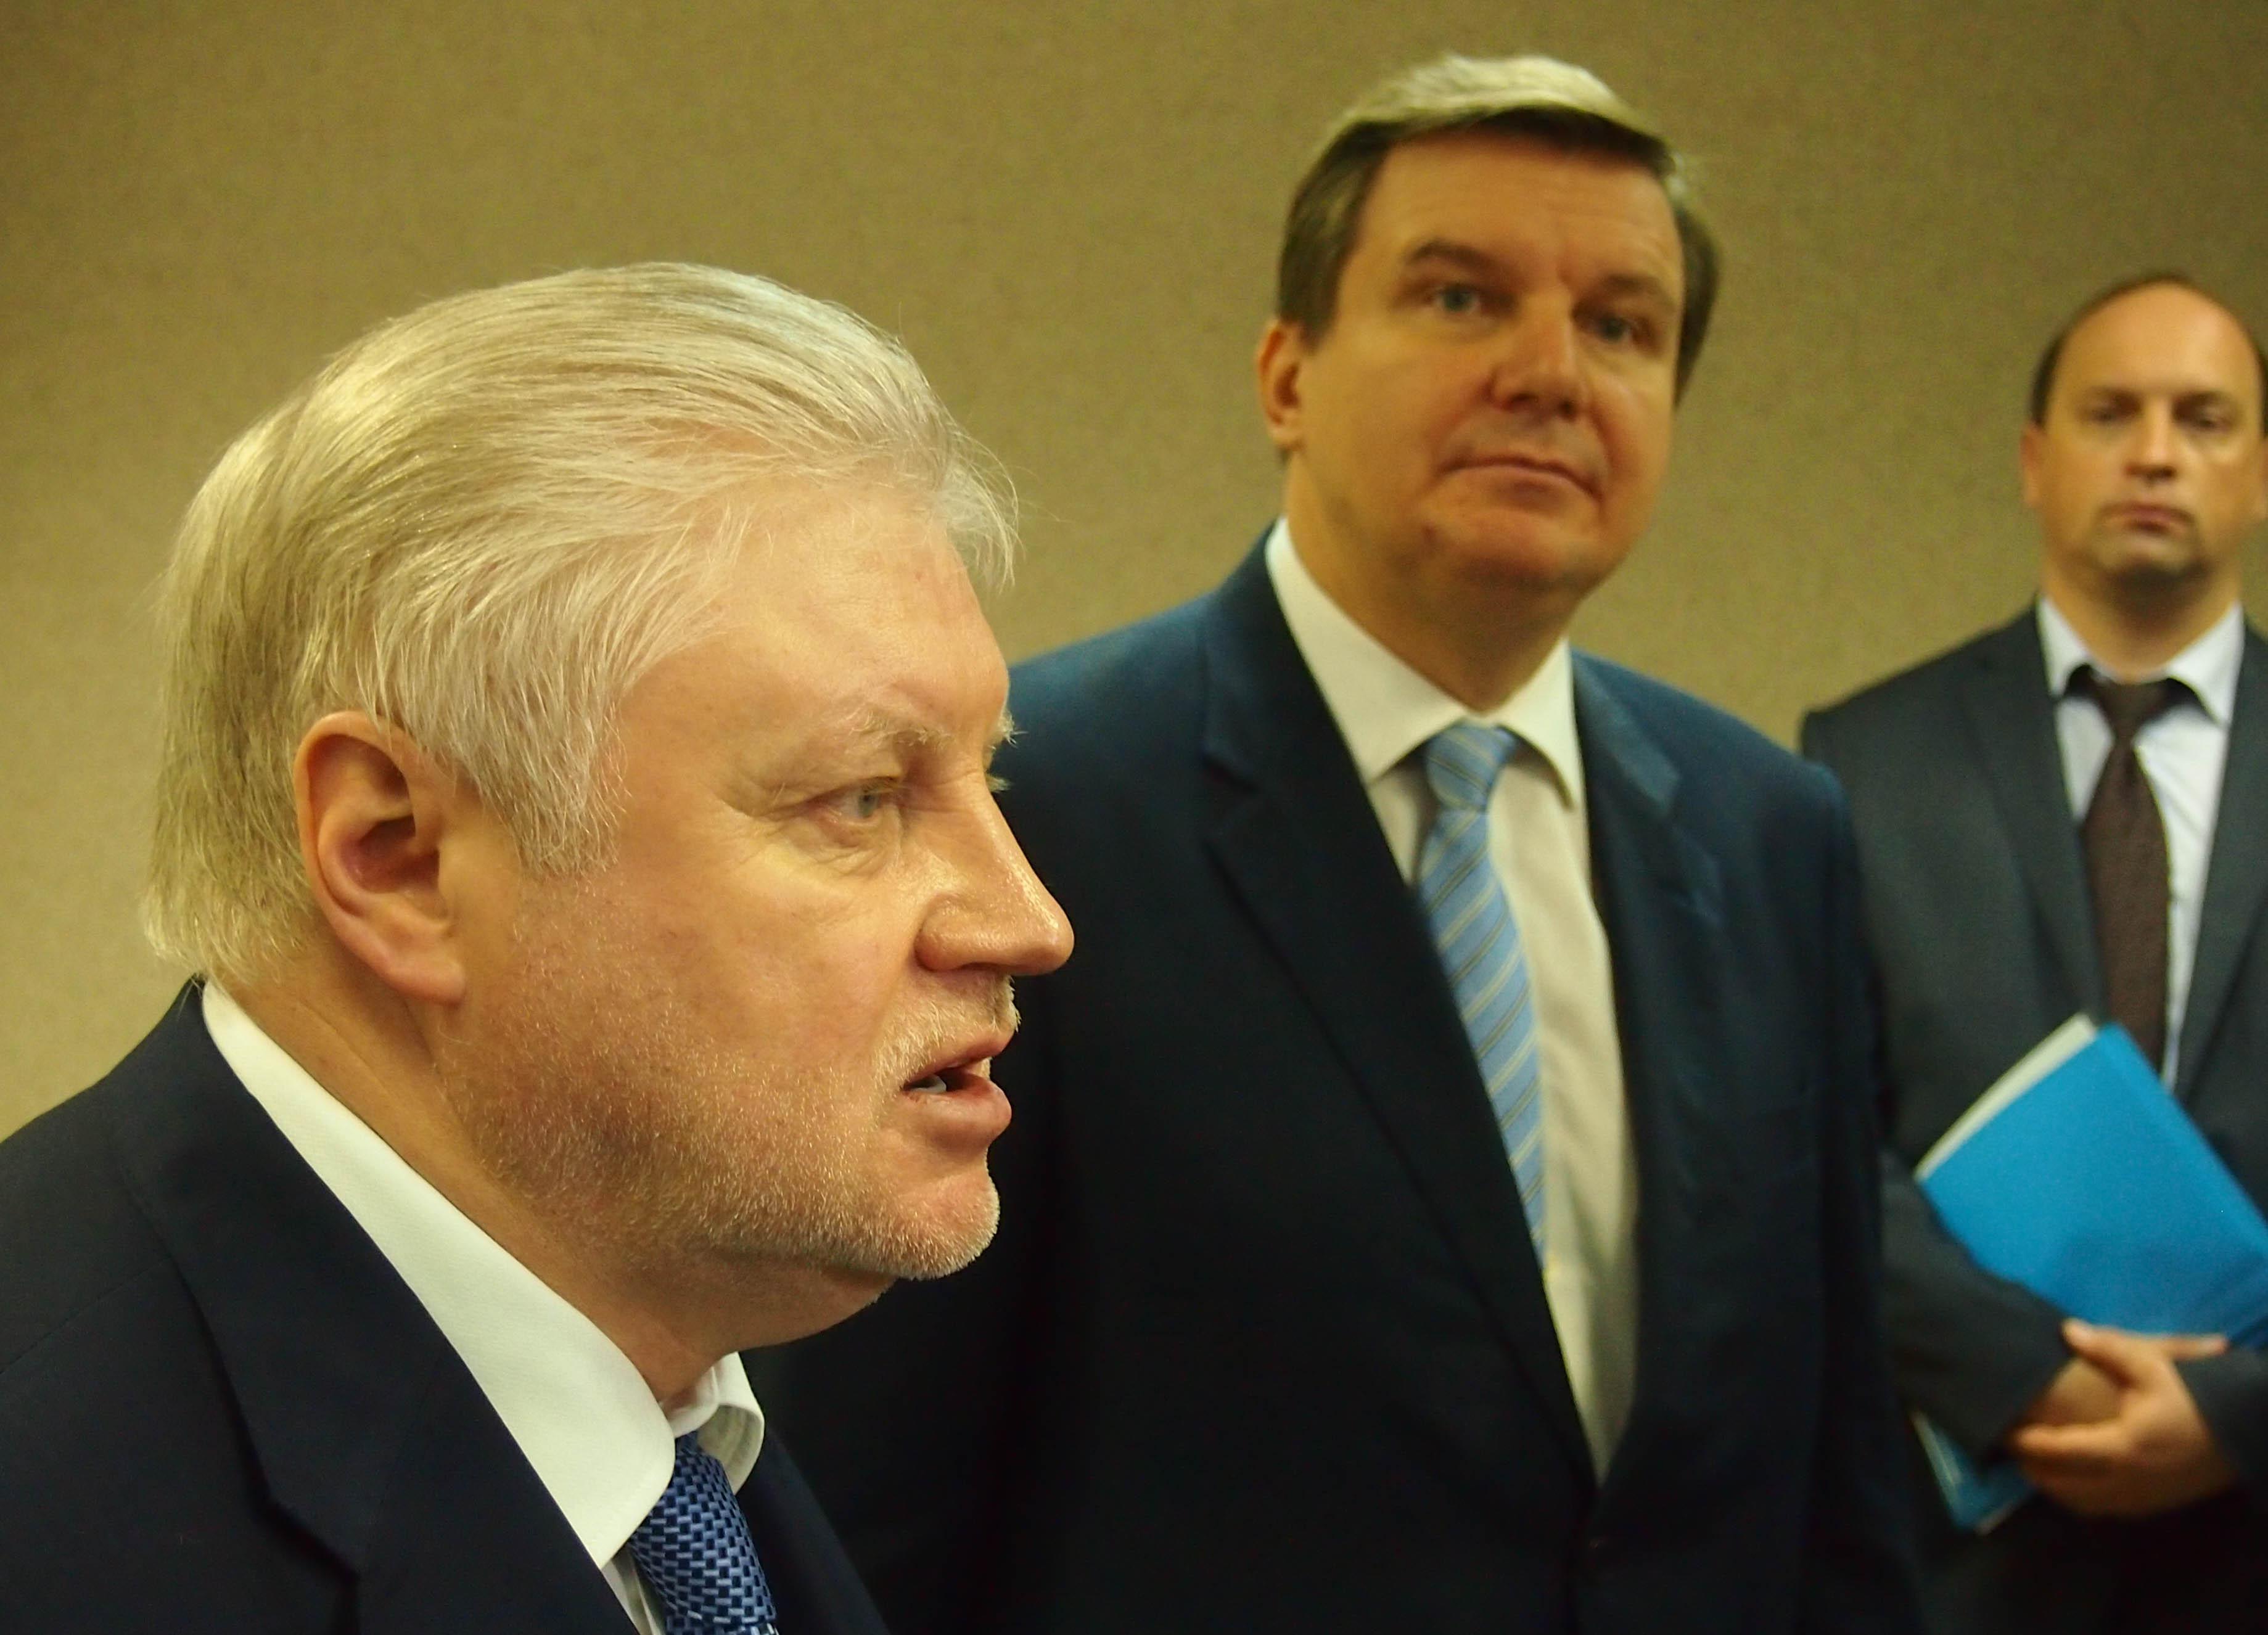 Сергей Миронов выступает перед телекамерами. Фото: Валерий Поташов